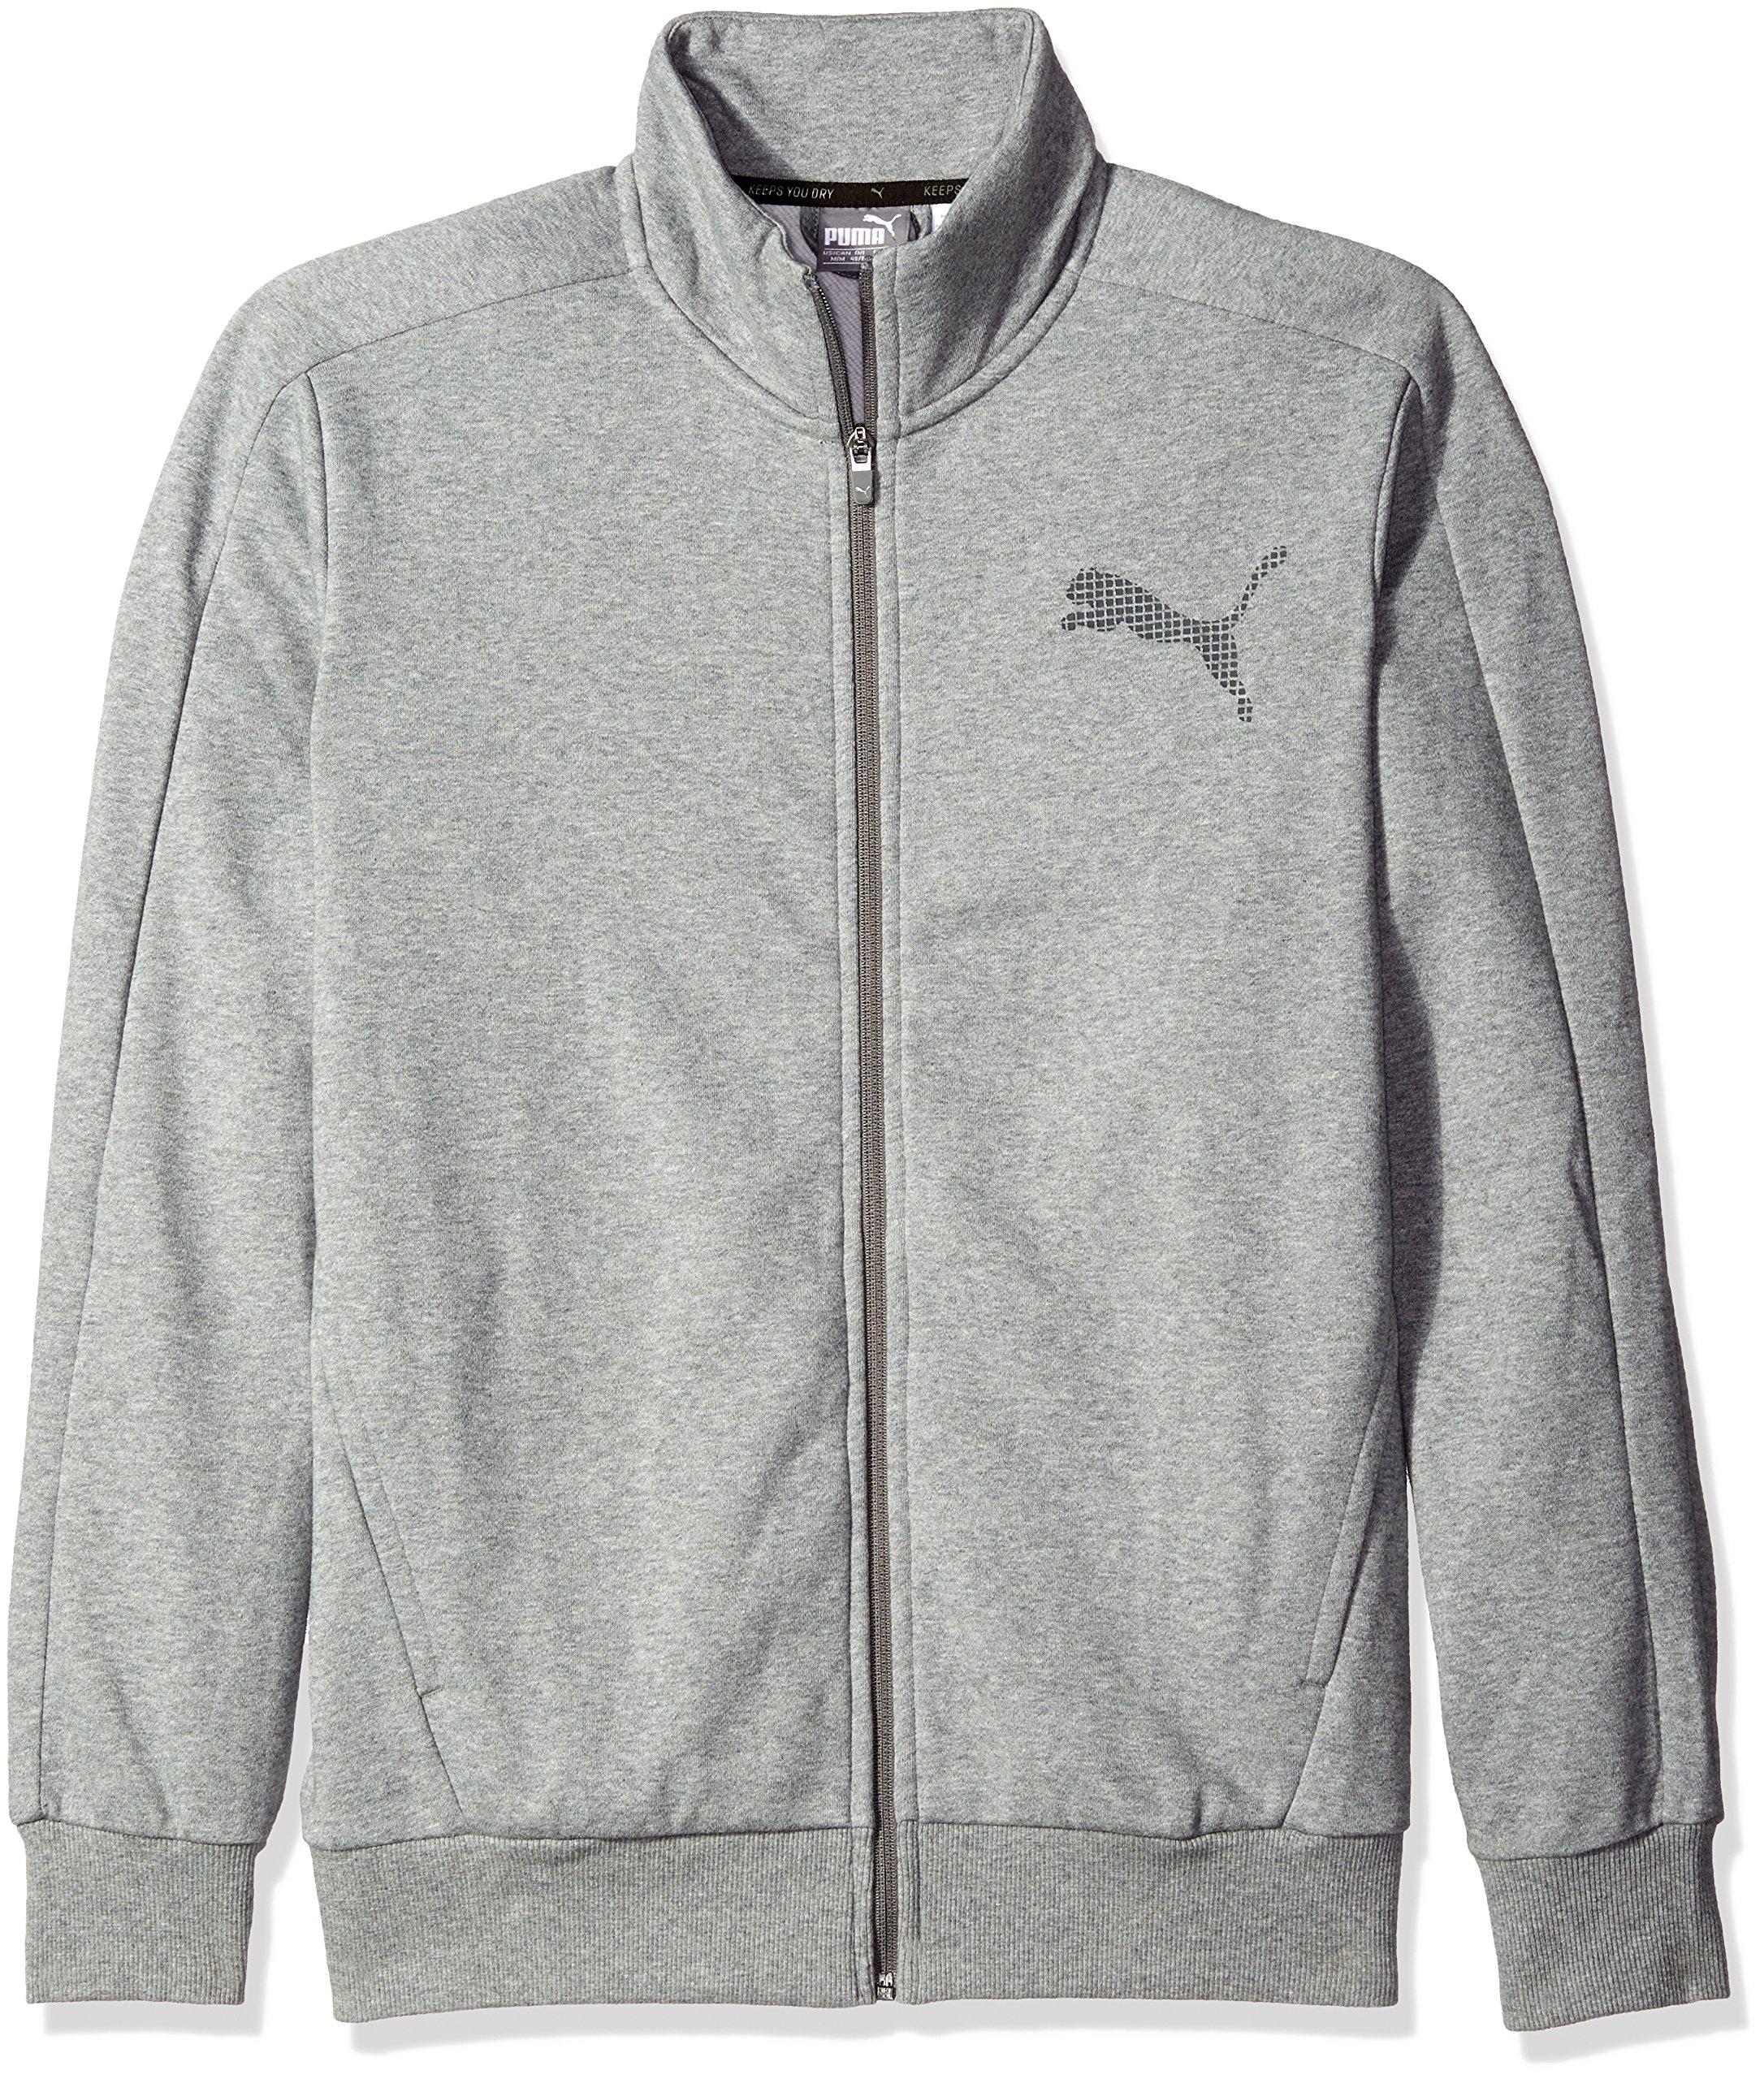 5ca00fc00f8c Galleon - PUMA Men s P48 Core Track Jacket Fleece